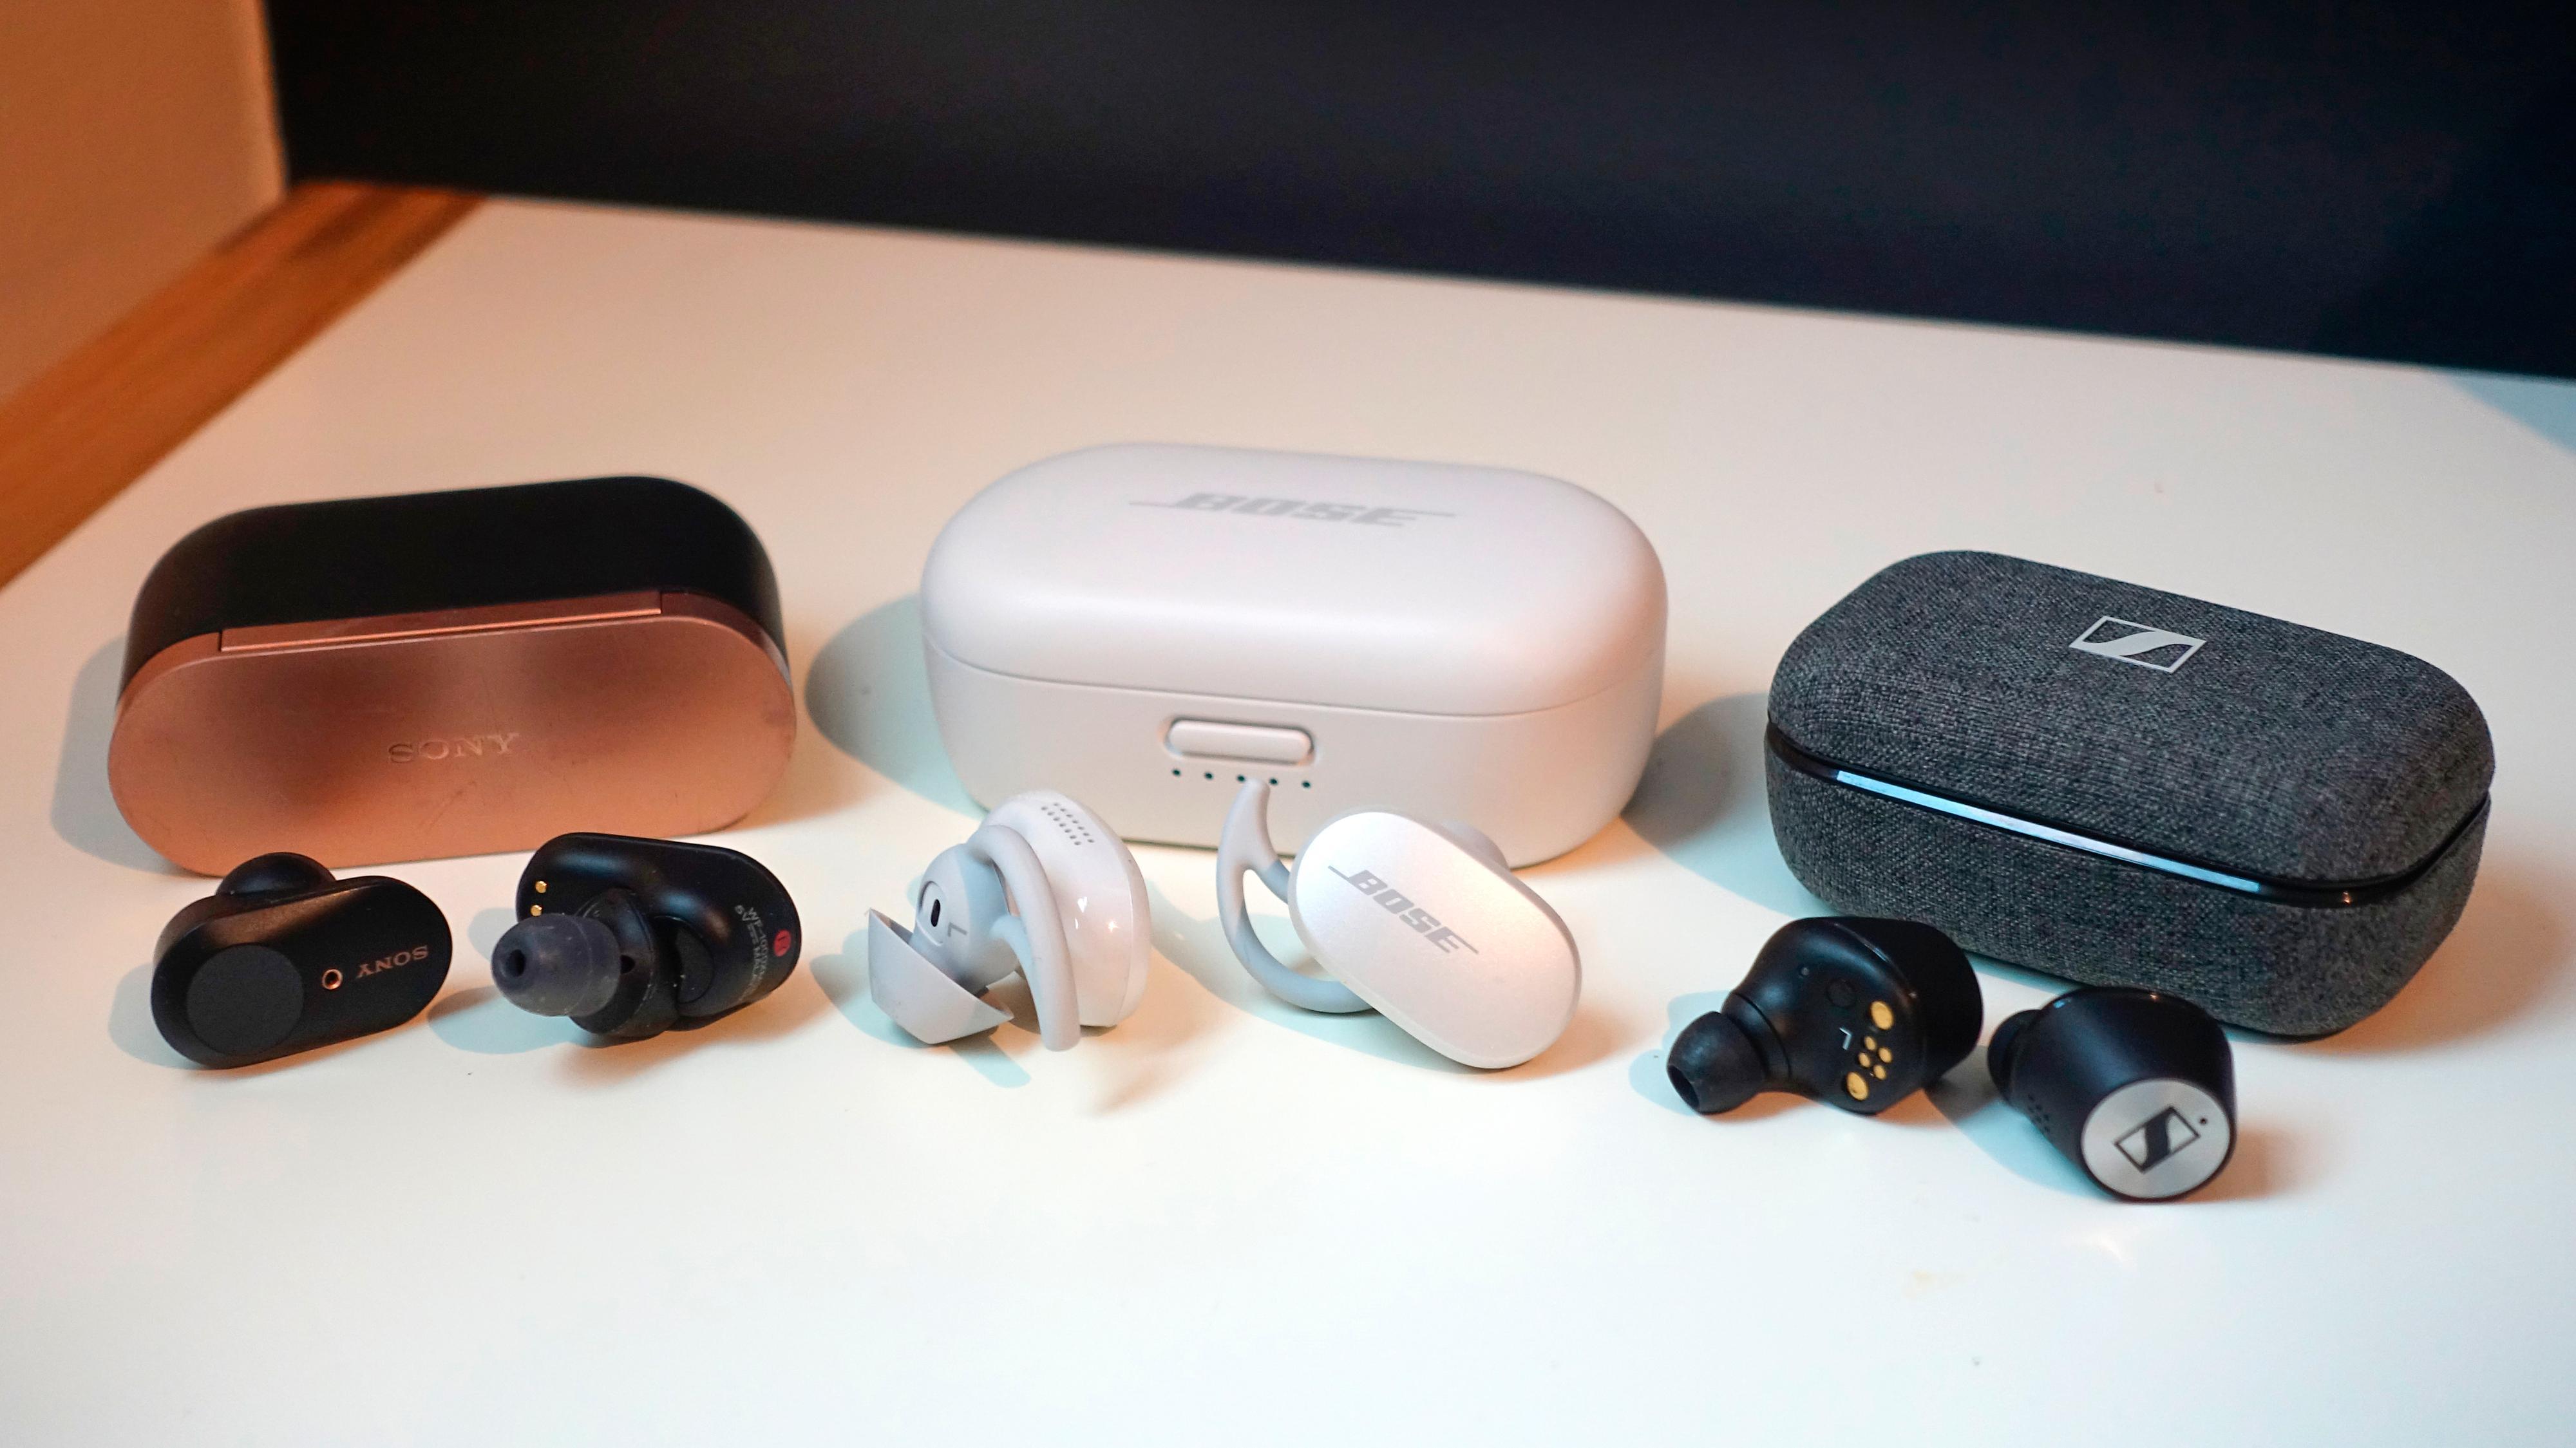 Fra venstre: Sony WF-1000XM3, Bose QC Earbuds og Sennheiser Momentum 2 TW.